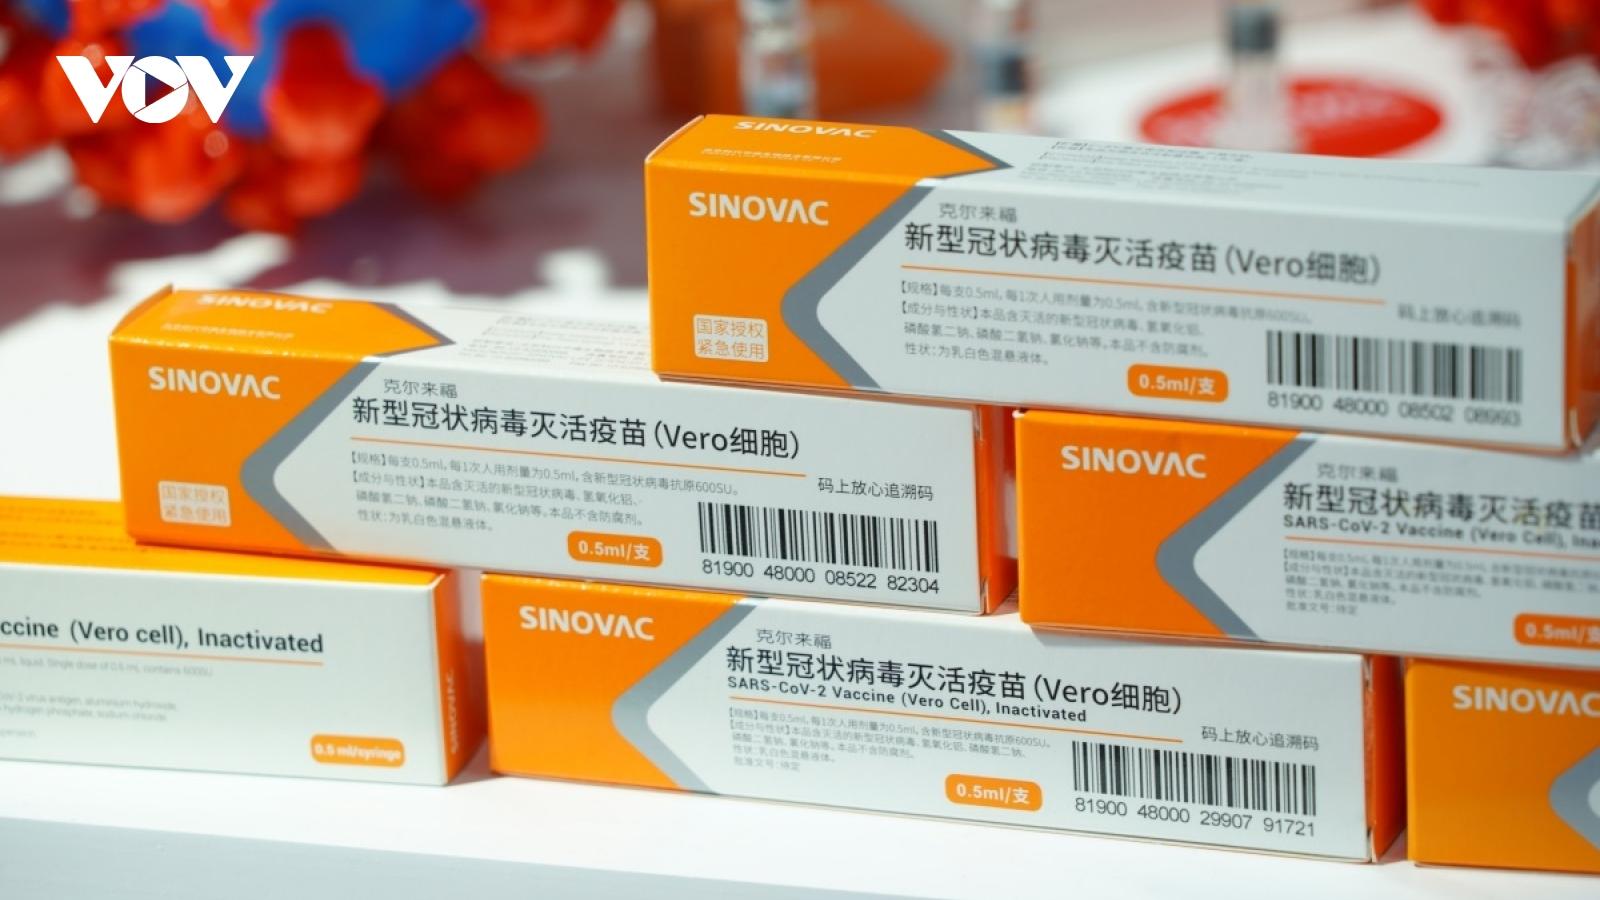 Trung Quốc viện trợ và cung cấp vaccine Covid-19 cho ít nhất 8 nước ASEAN